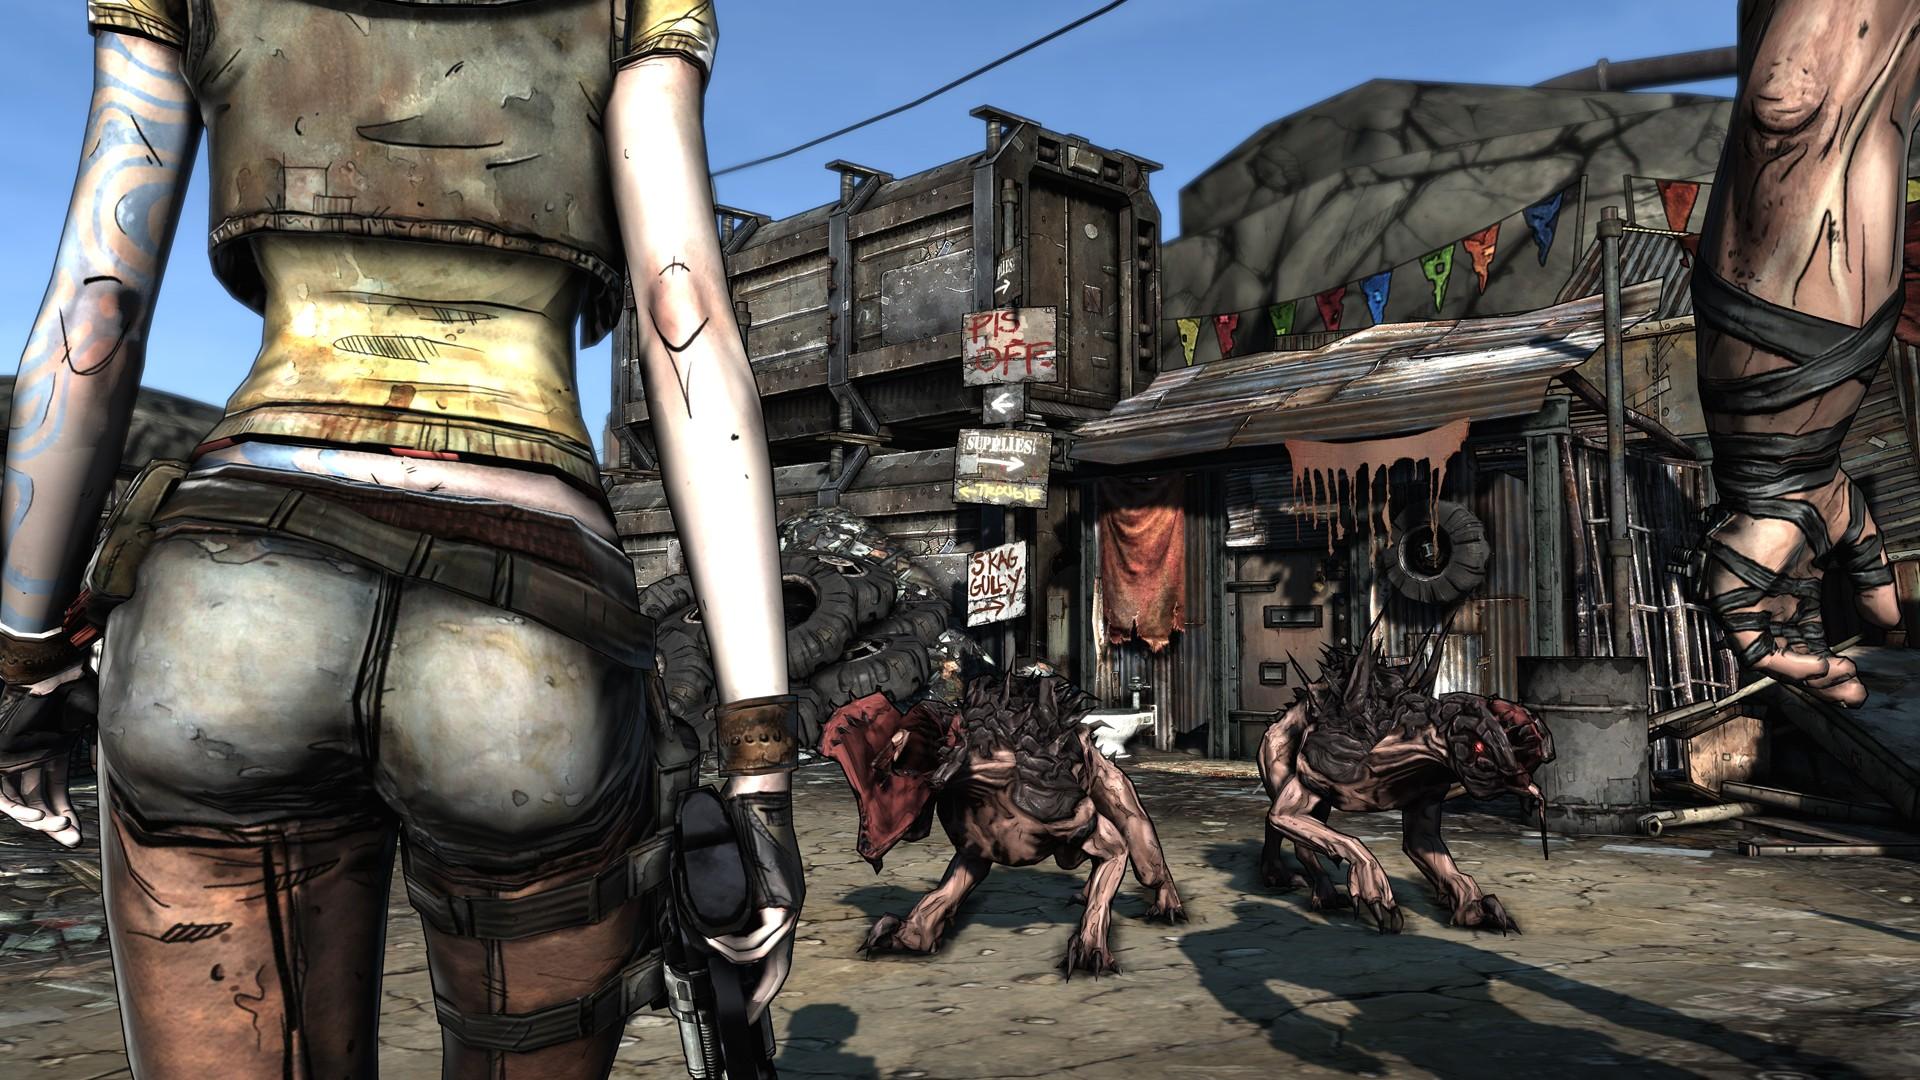 Обновлённая Borderlands: GOTY и набор HD-текстур для Borderlands 2 и The Pre-Sequel выйдут 3 апреля